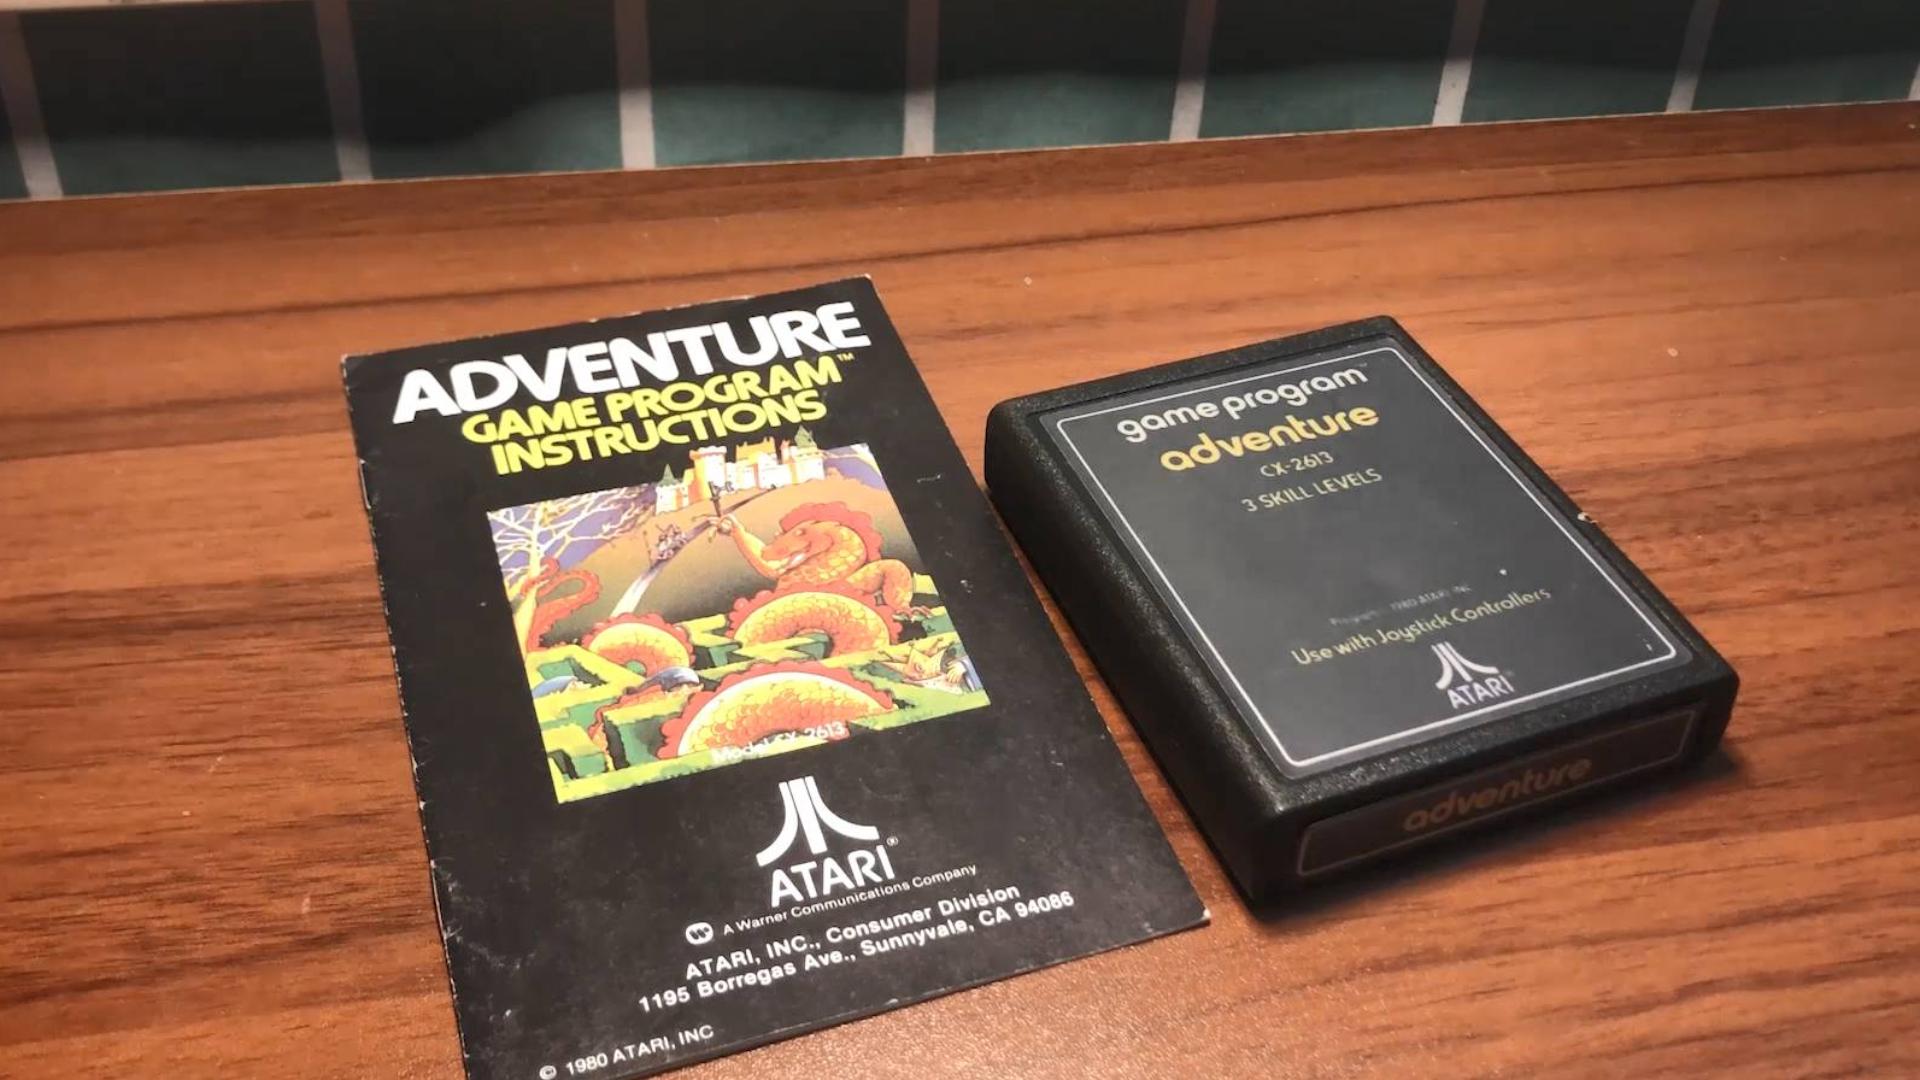 【伊祁】1983年的游戏卡带 怪胎